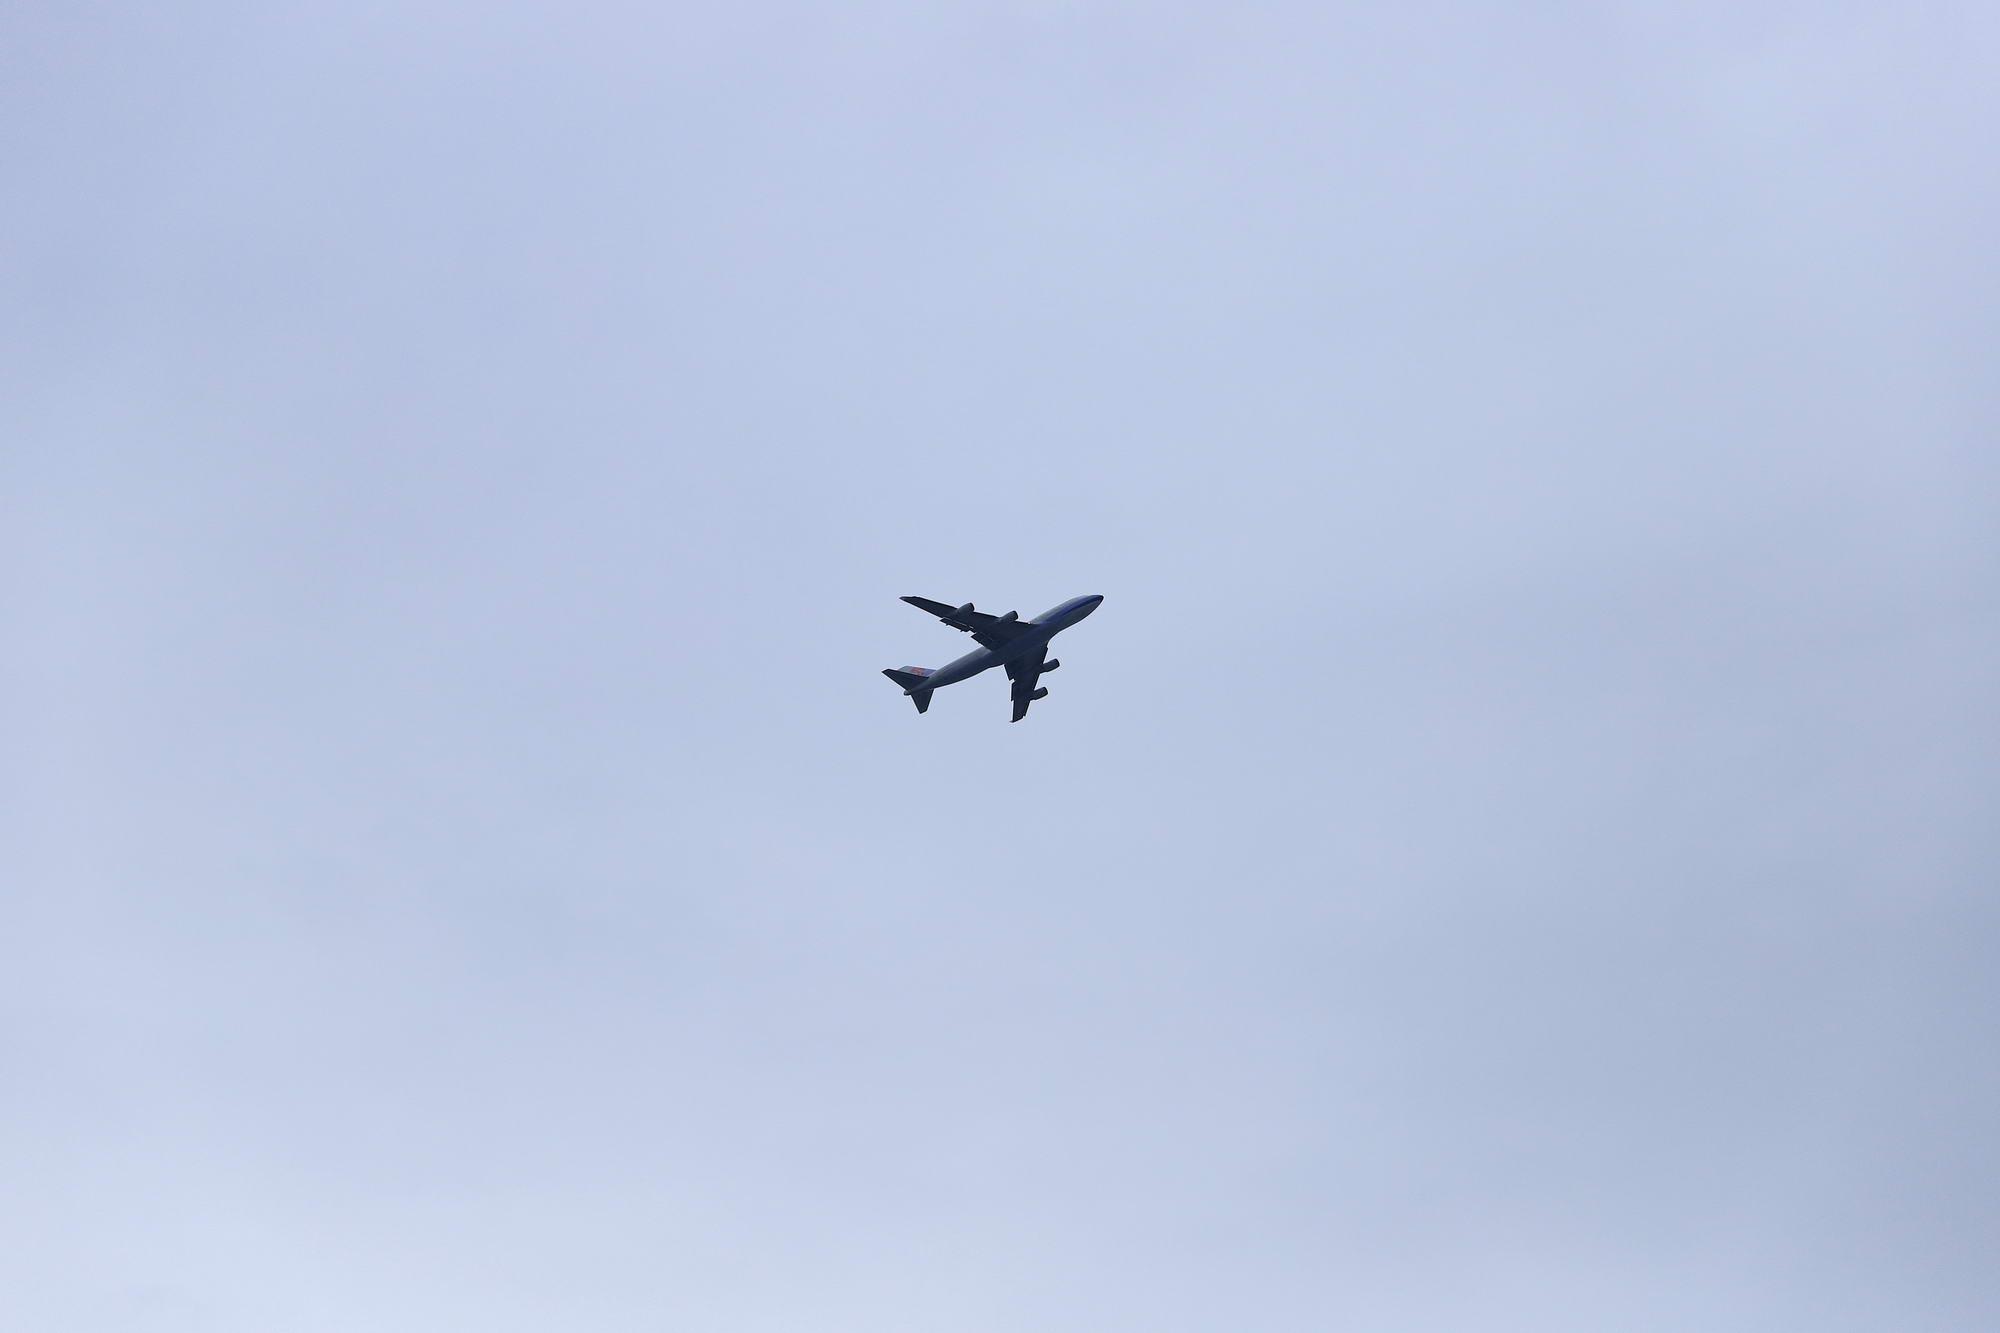 重庆市出台支持航空物流发展措施:支持国际快件出口_物流_电商报